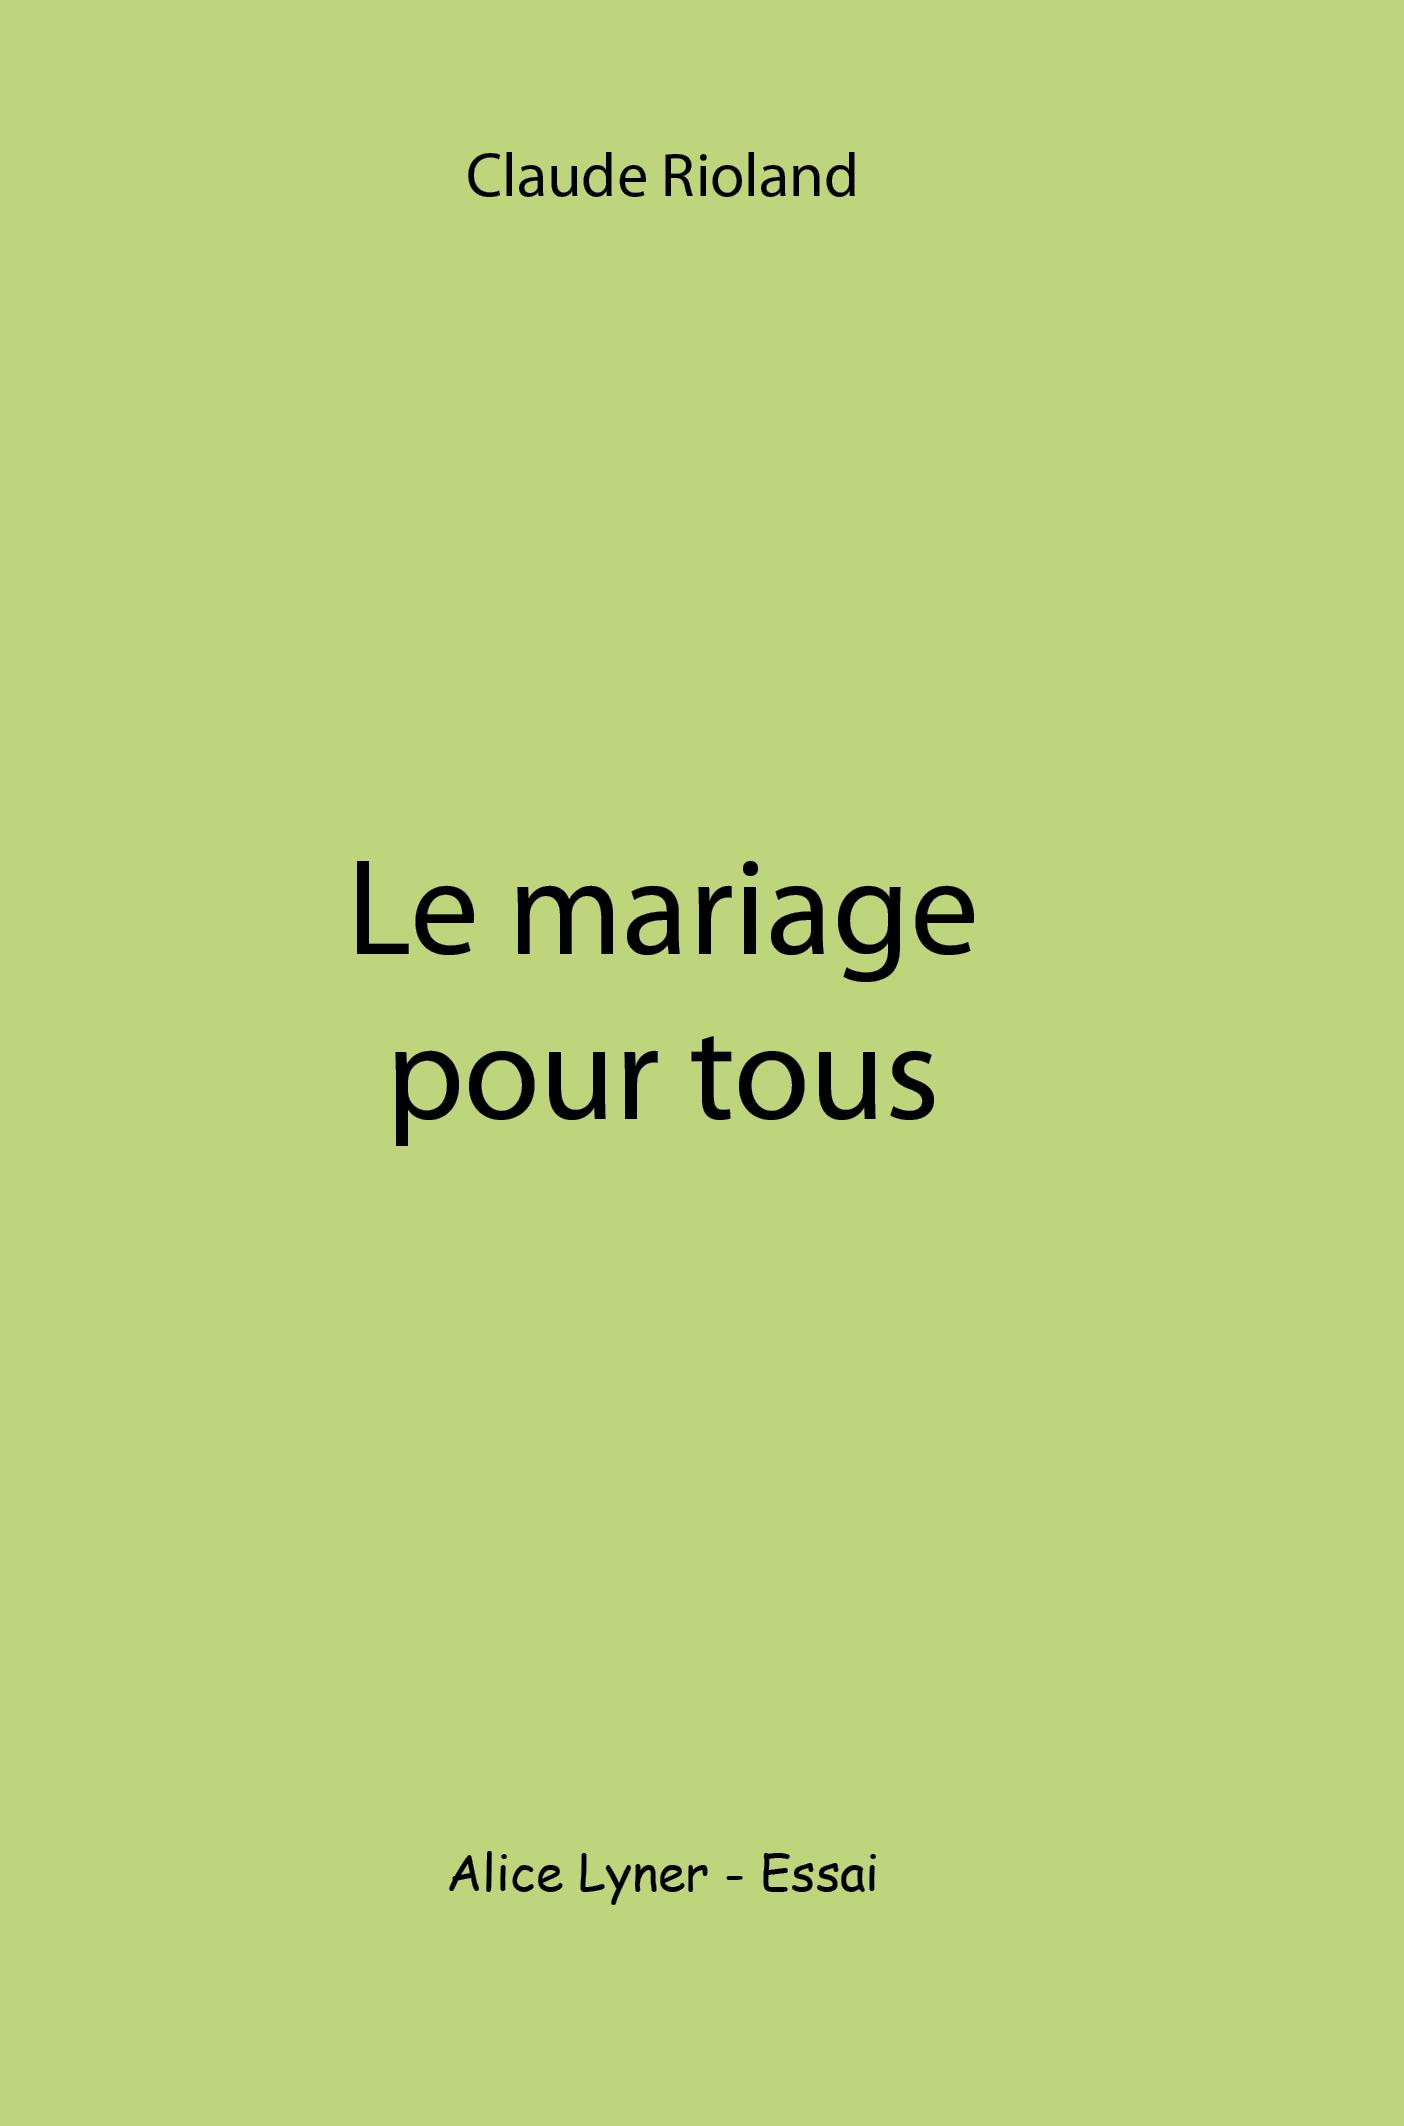 La mariage pour tous